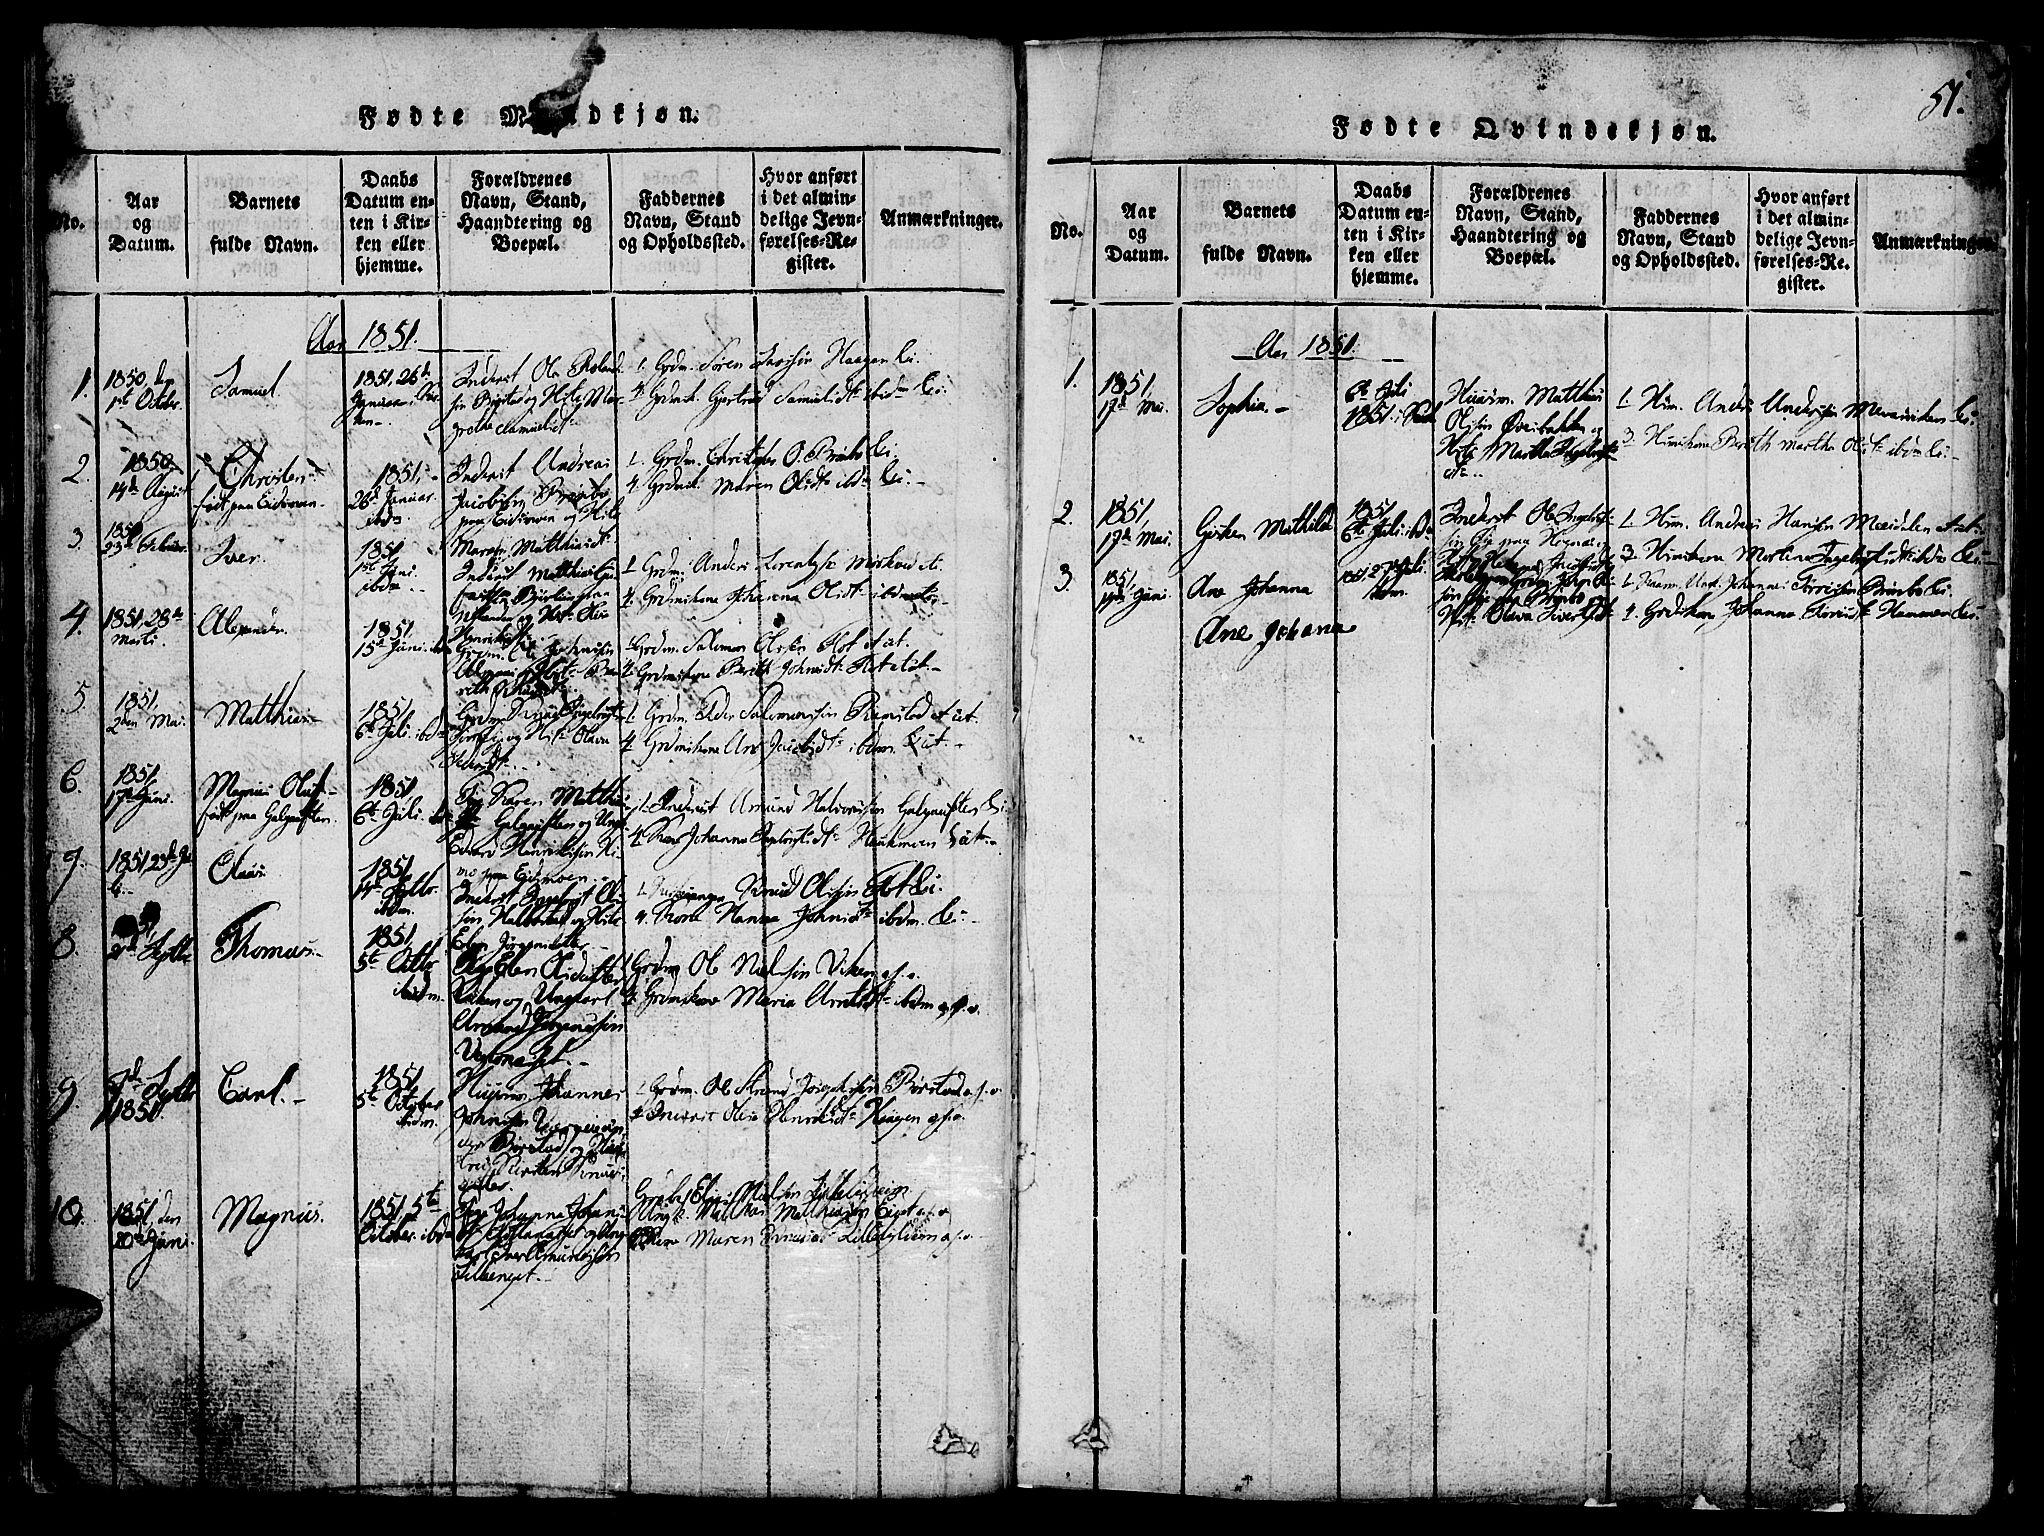 SAT, Ministerialprotokoller, klokkerbøker og fødselsregistre - Nord-Trøndelag, 765/L0562: Klokkerbok nr. 765C01, 1817-1851, s. 51